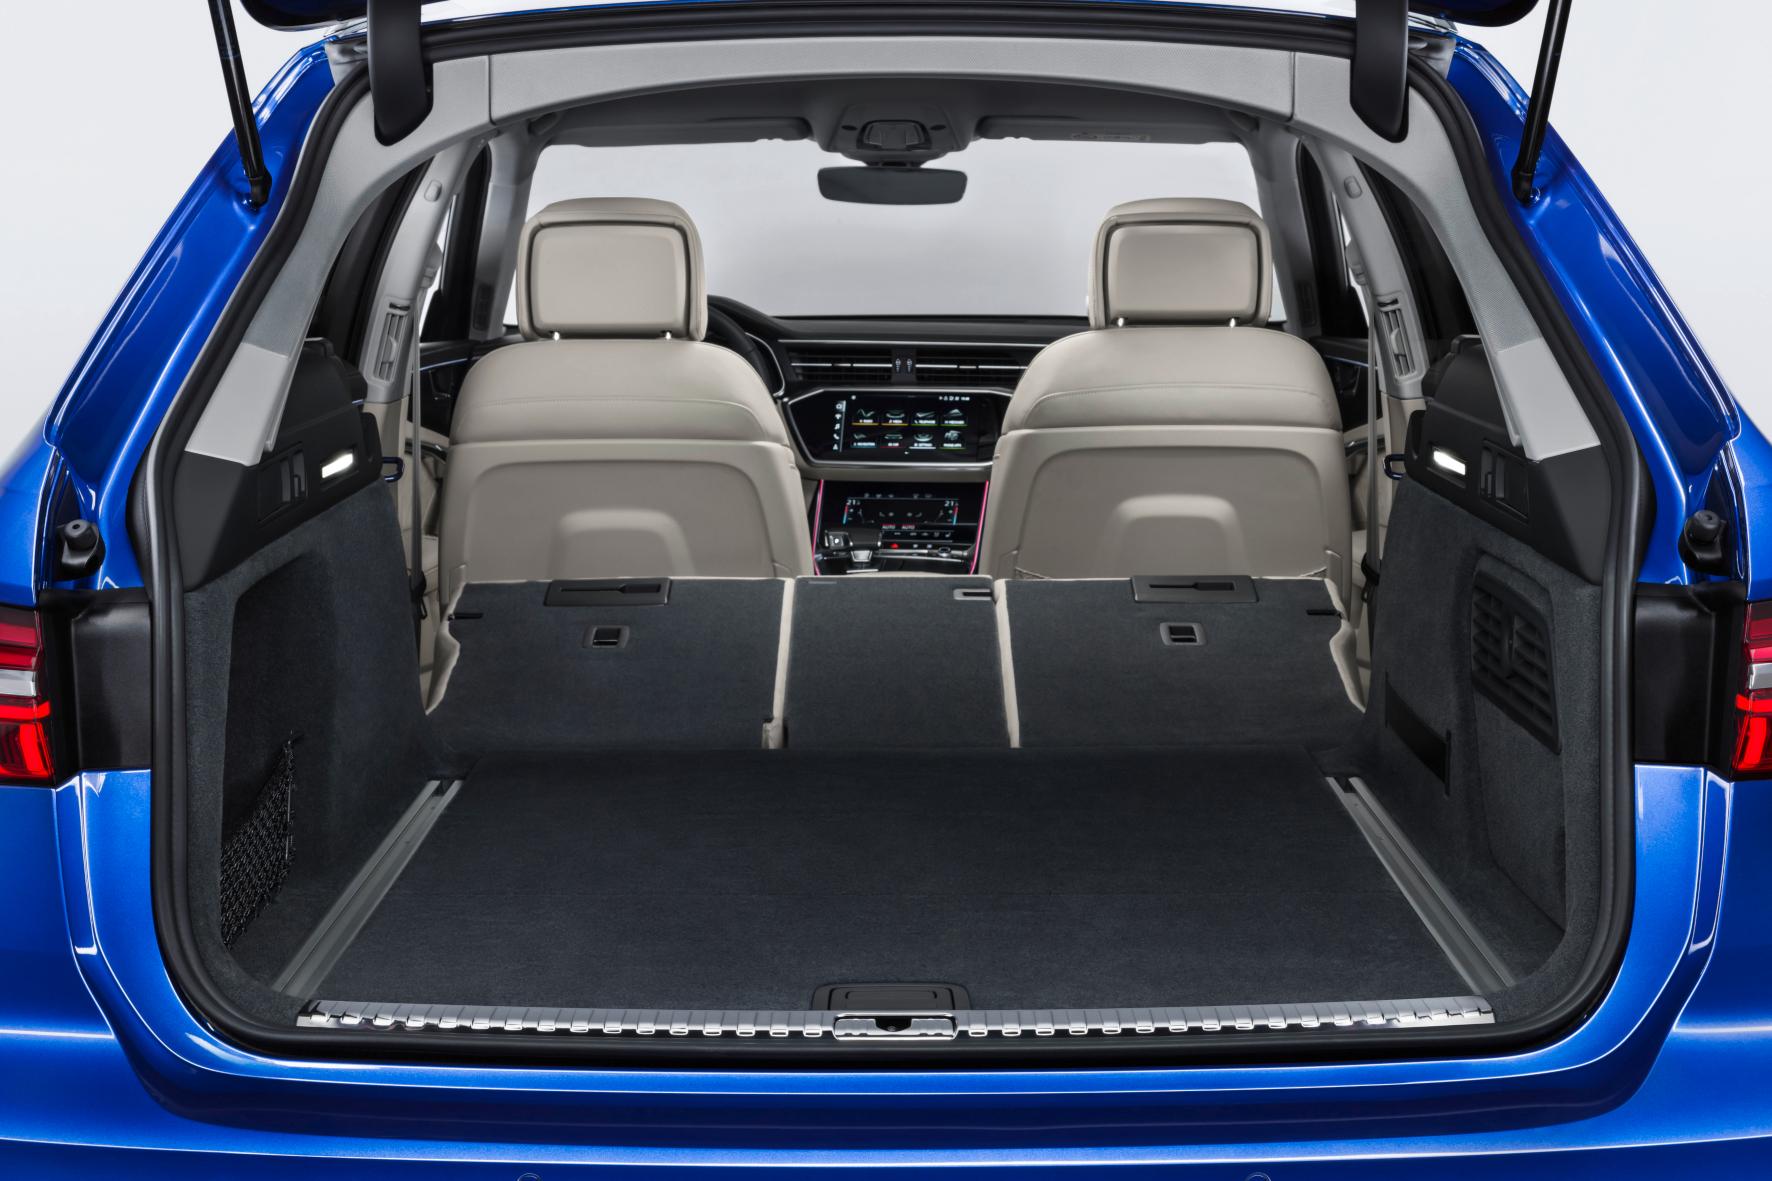 Luxus-Laster: Beim Umklappen der 40:20:40 teilbaren Rücksitzlehne entsteht eine große, aber keine ganz gerade Fläche.